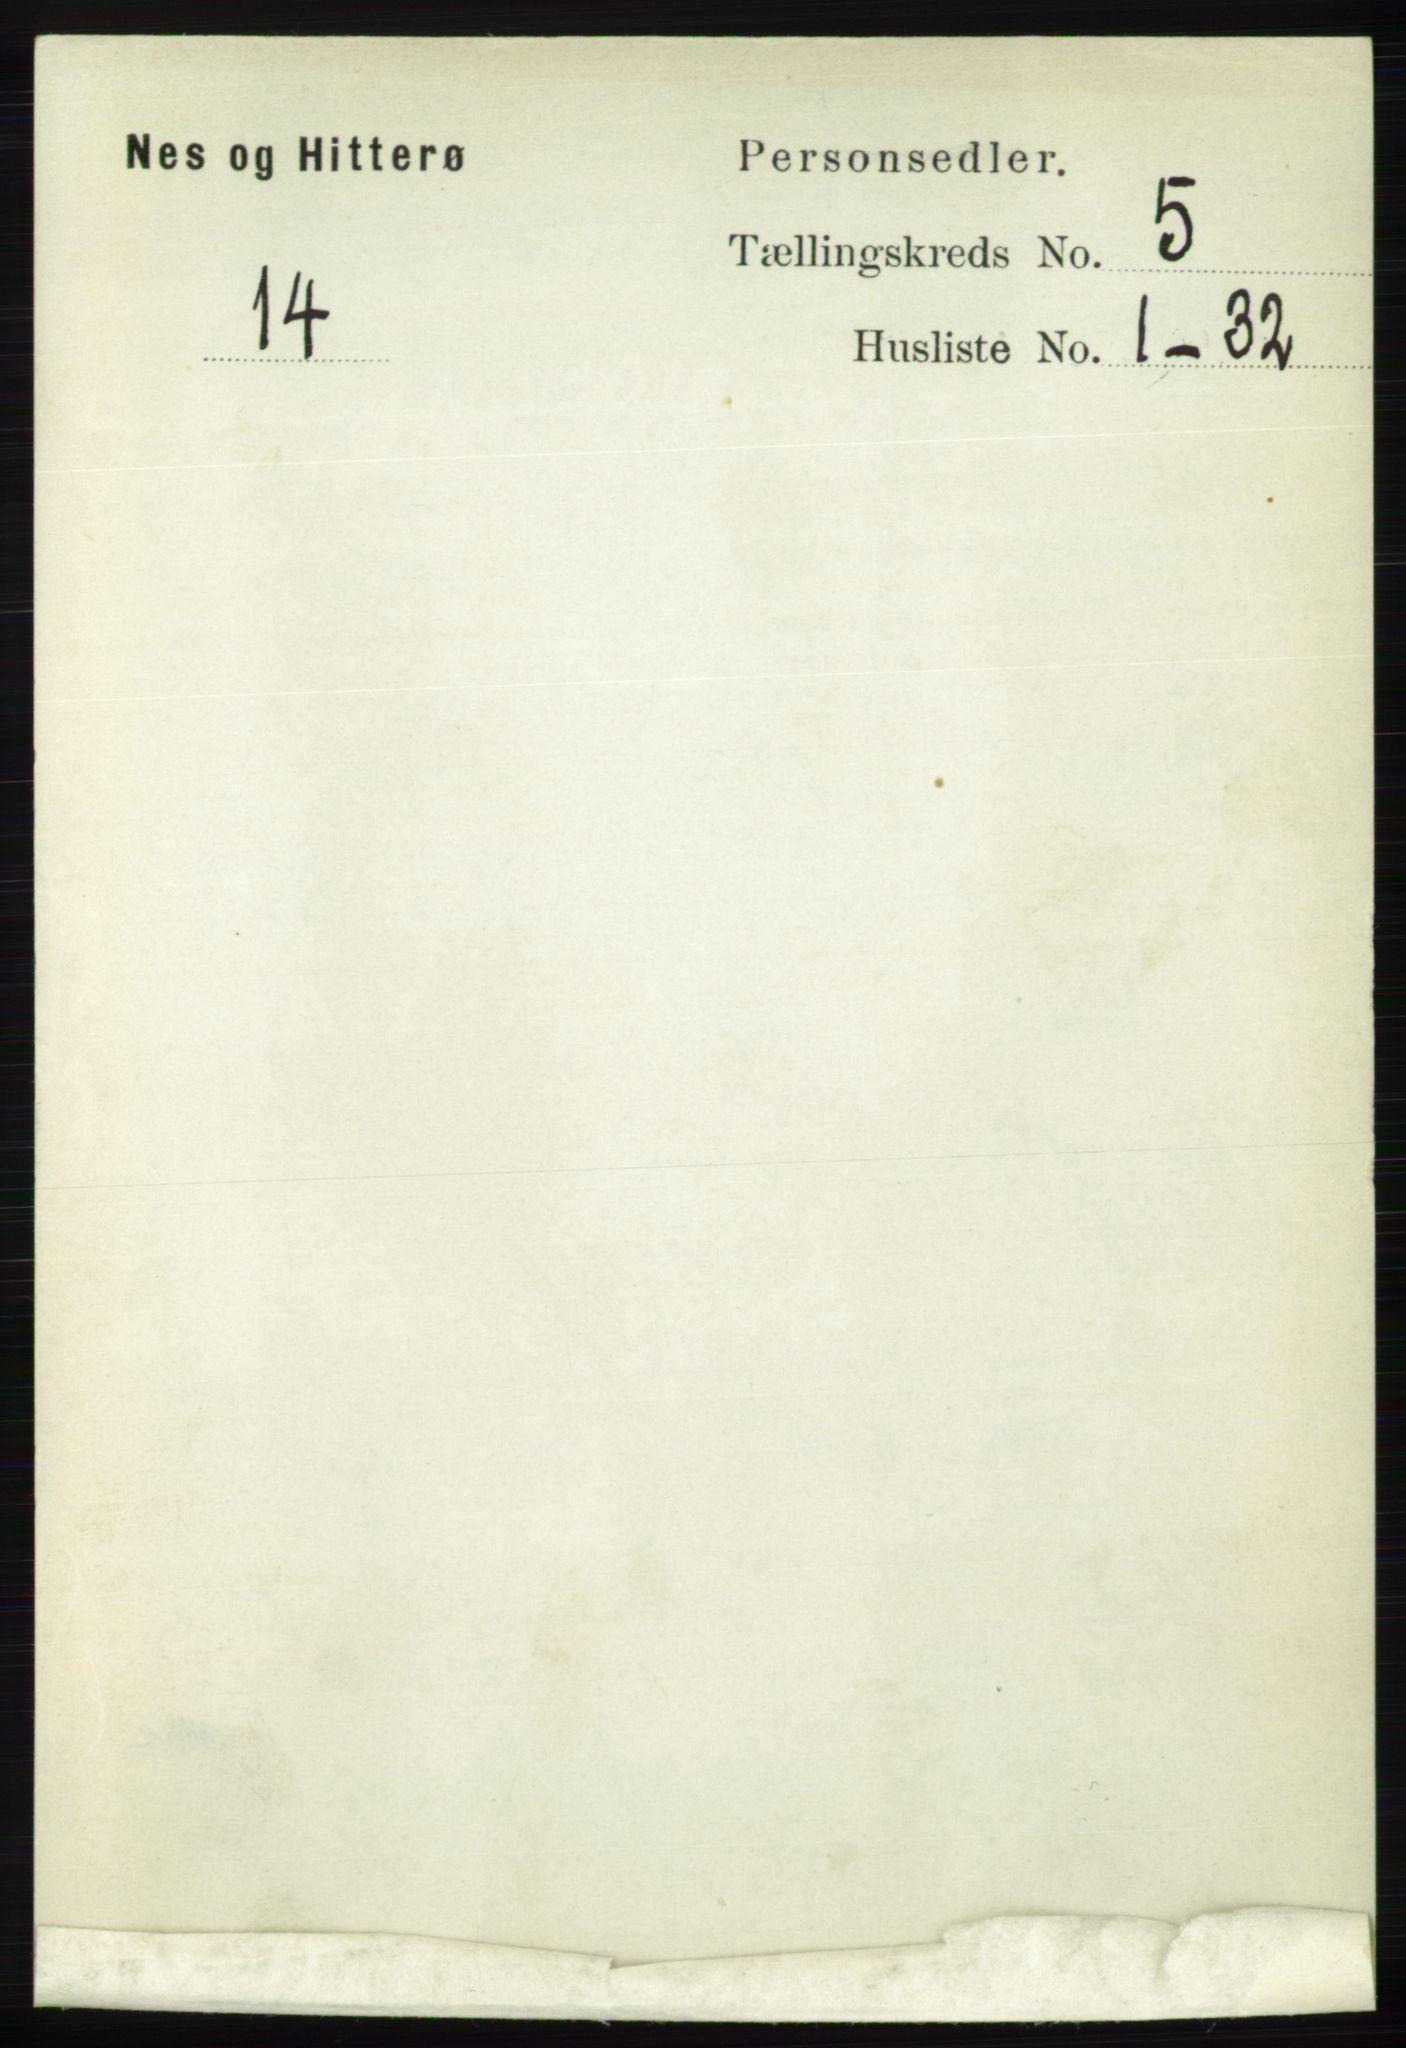 RA, Folketelling 1891 for 1043 Hidra og Nes herred, 1891, s. 1853